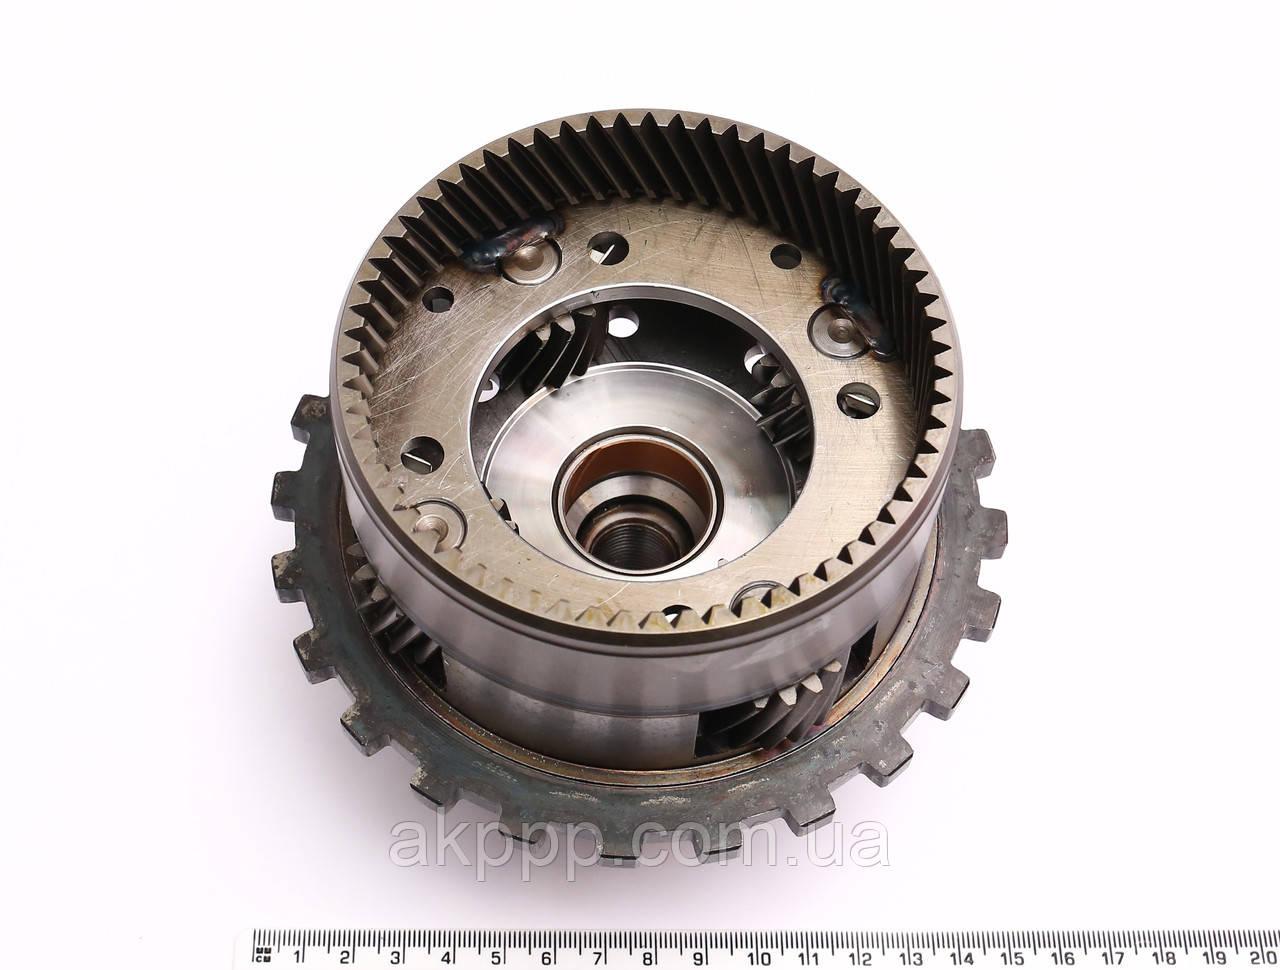 Железо акпп A604